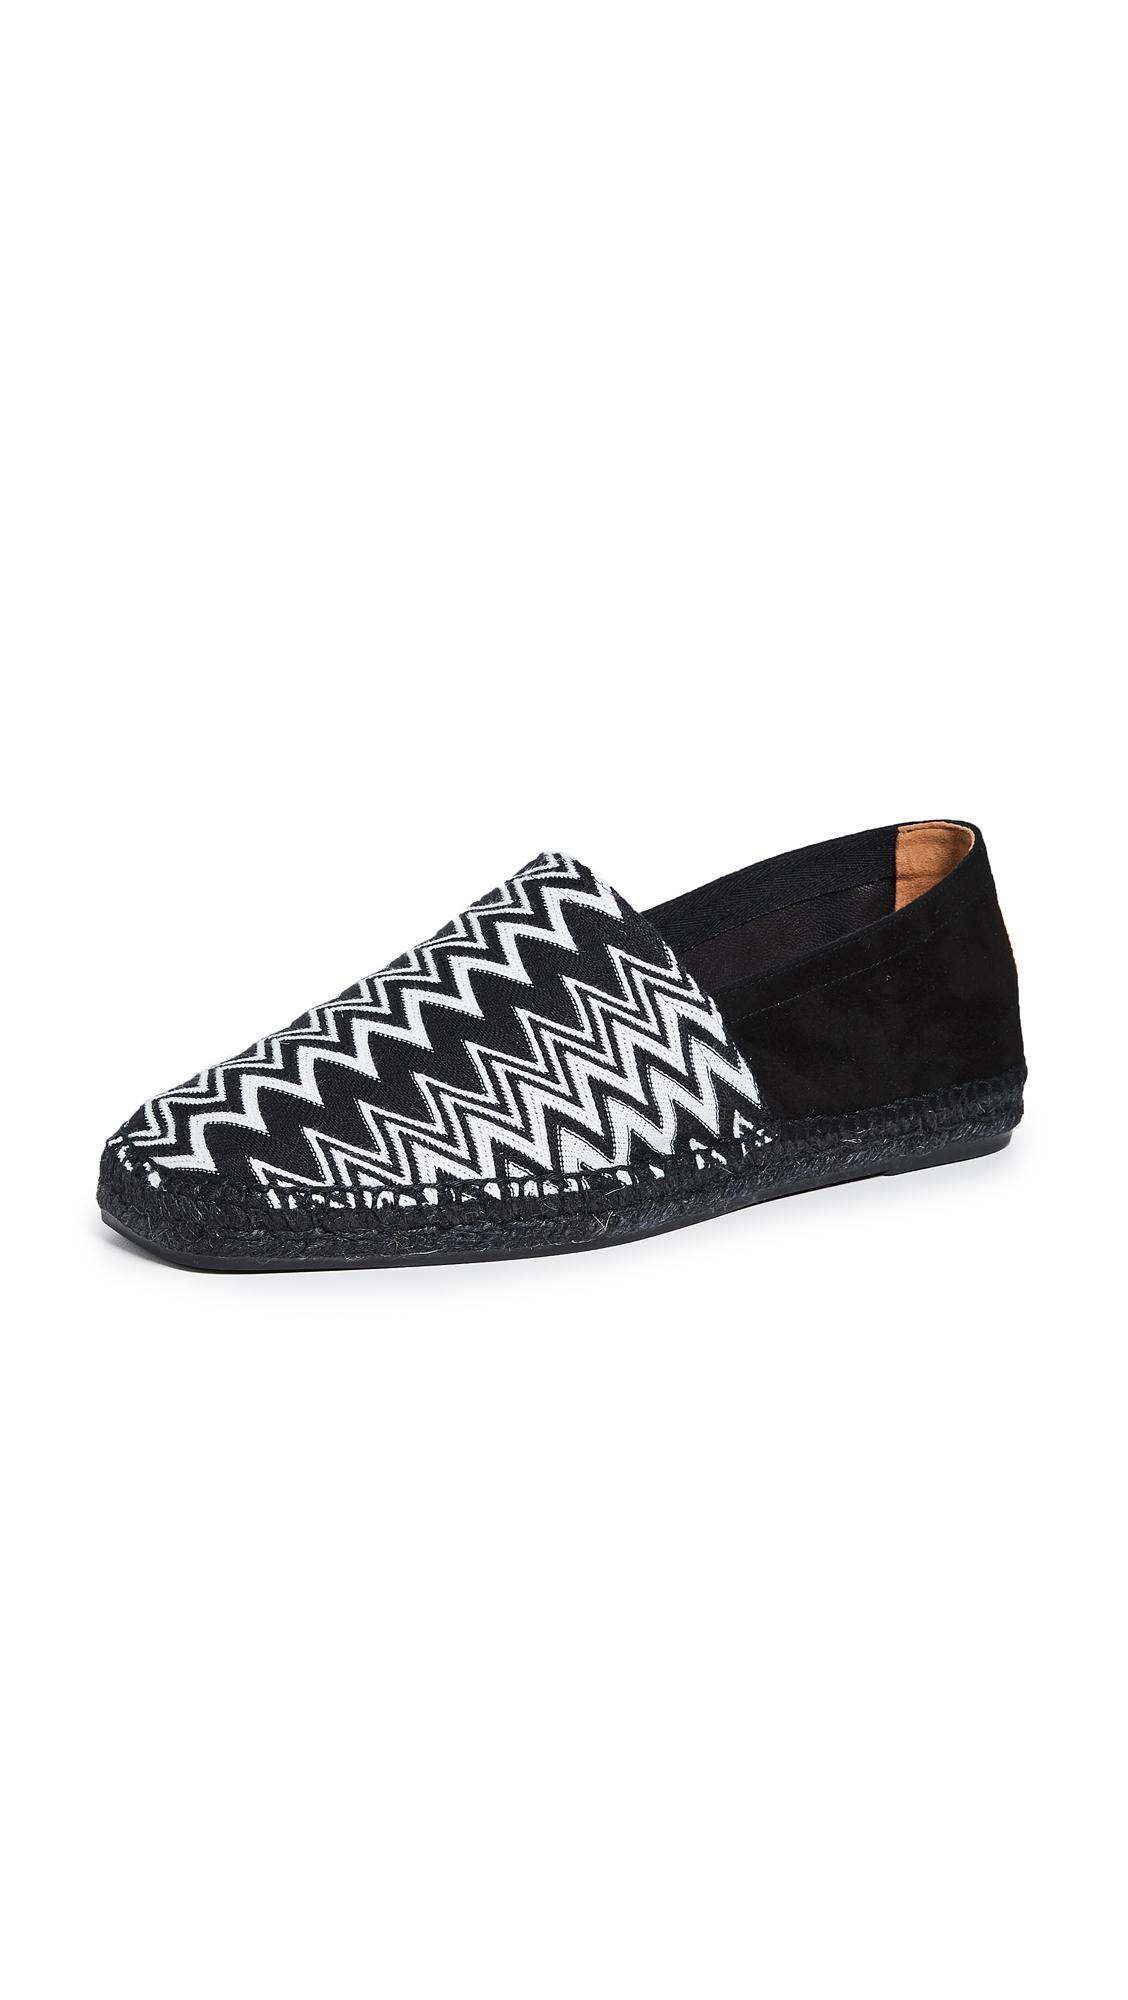 Castañer Shoes X MISSONI PABLO ESPADRILLES